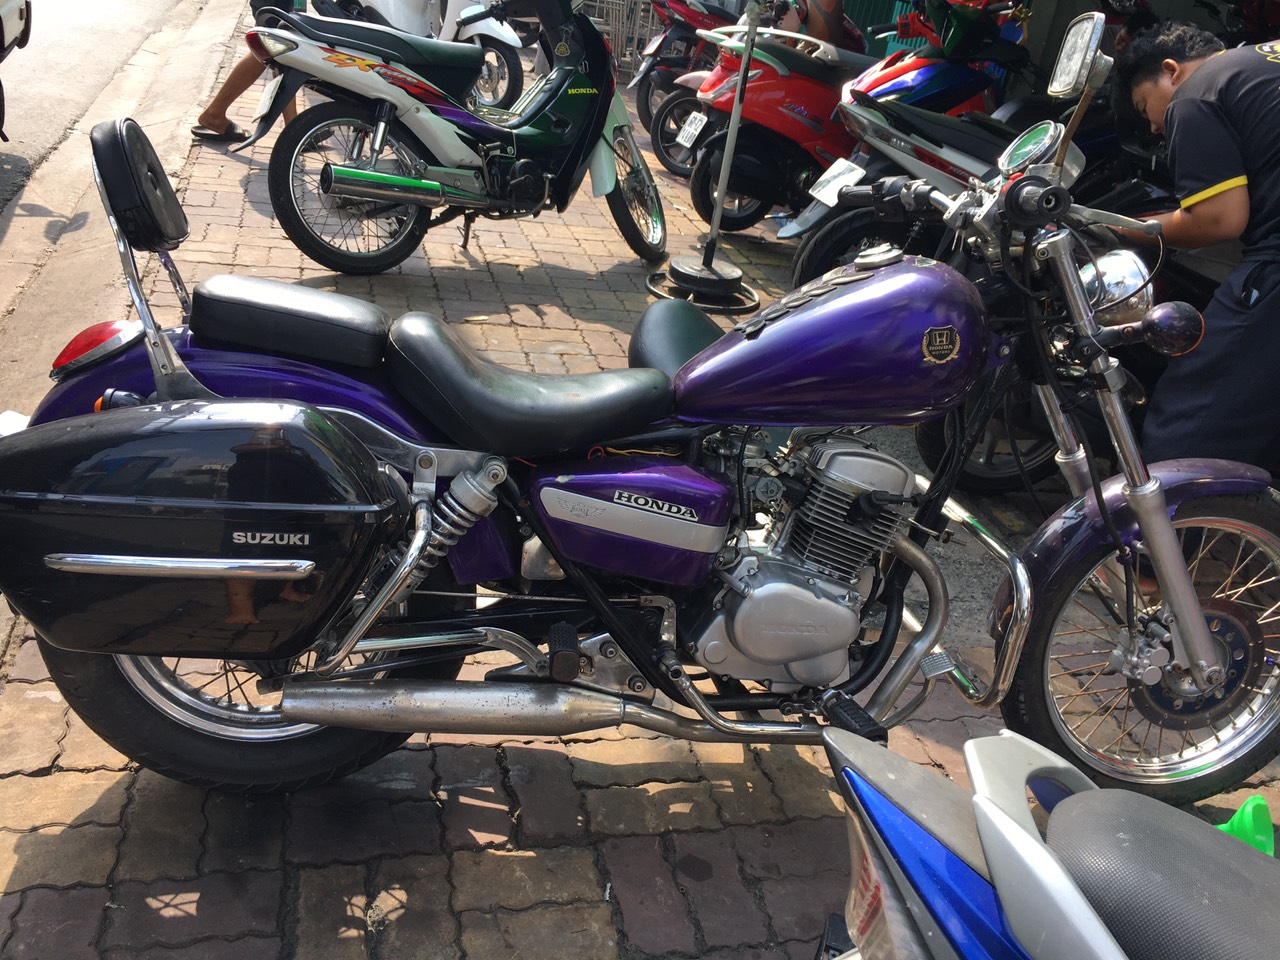 Honda CM 125cc 2005 mô tô 125cc đời 2005 bstp bán 30tr